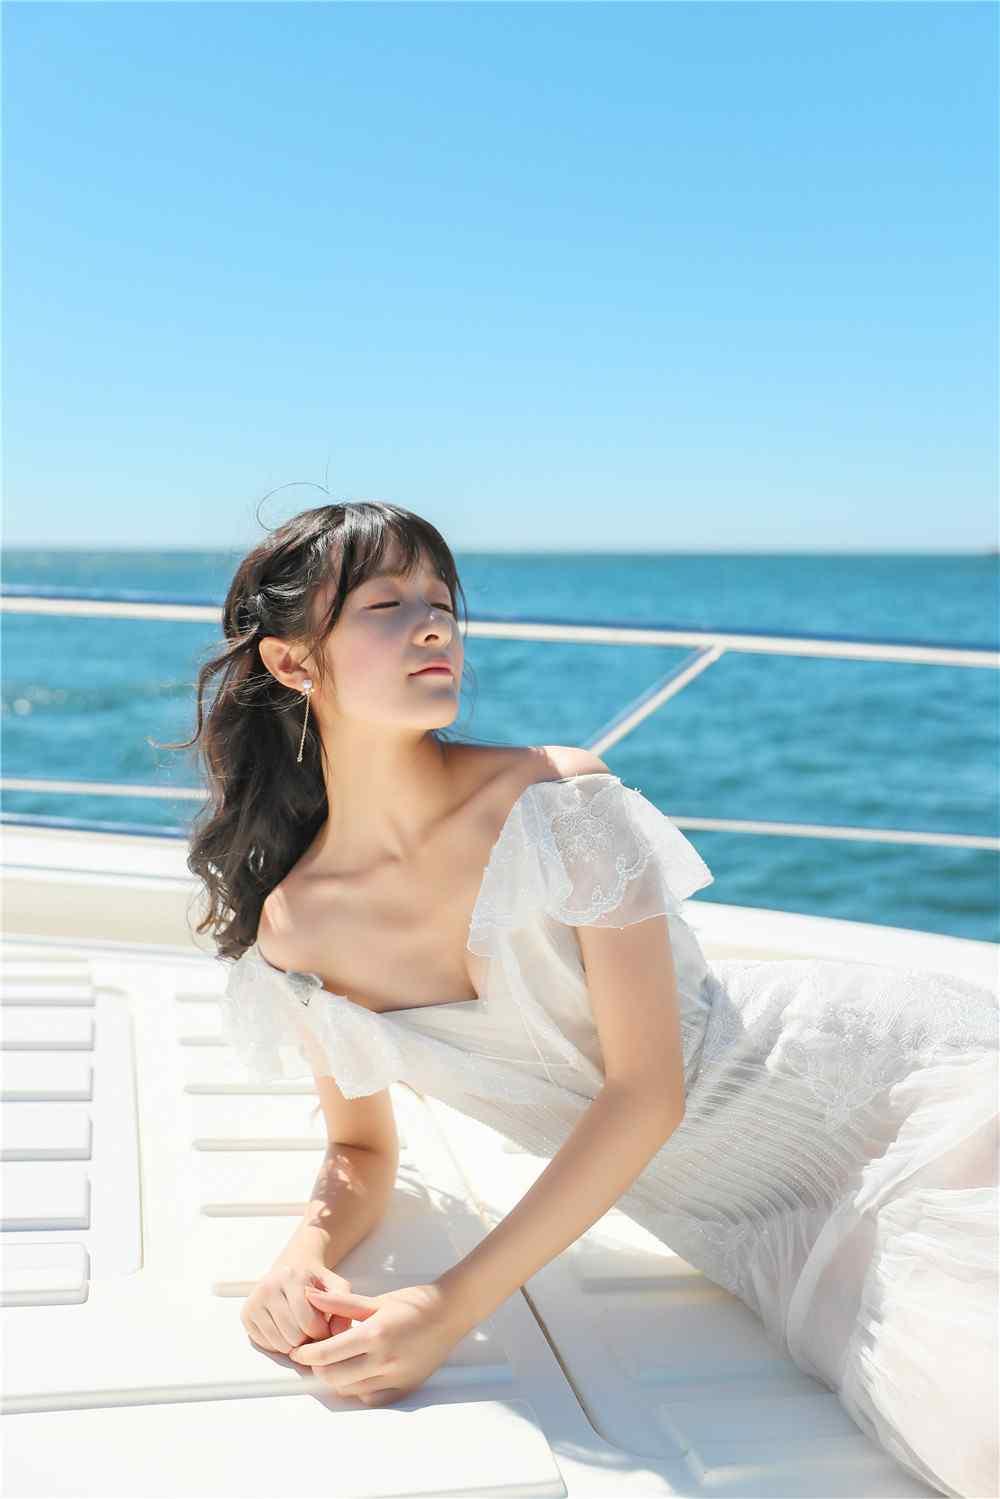 徐娇性感唯美迷人抹胸裙海上写真手机壁纸